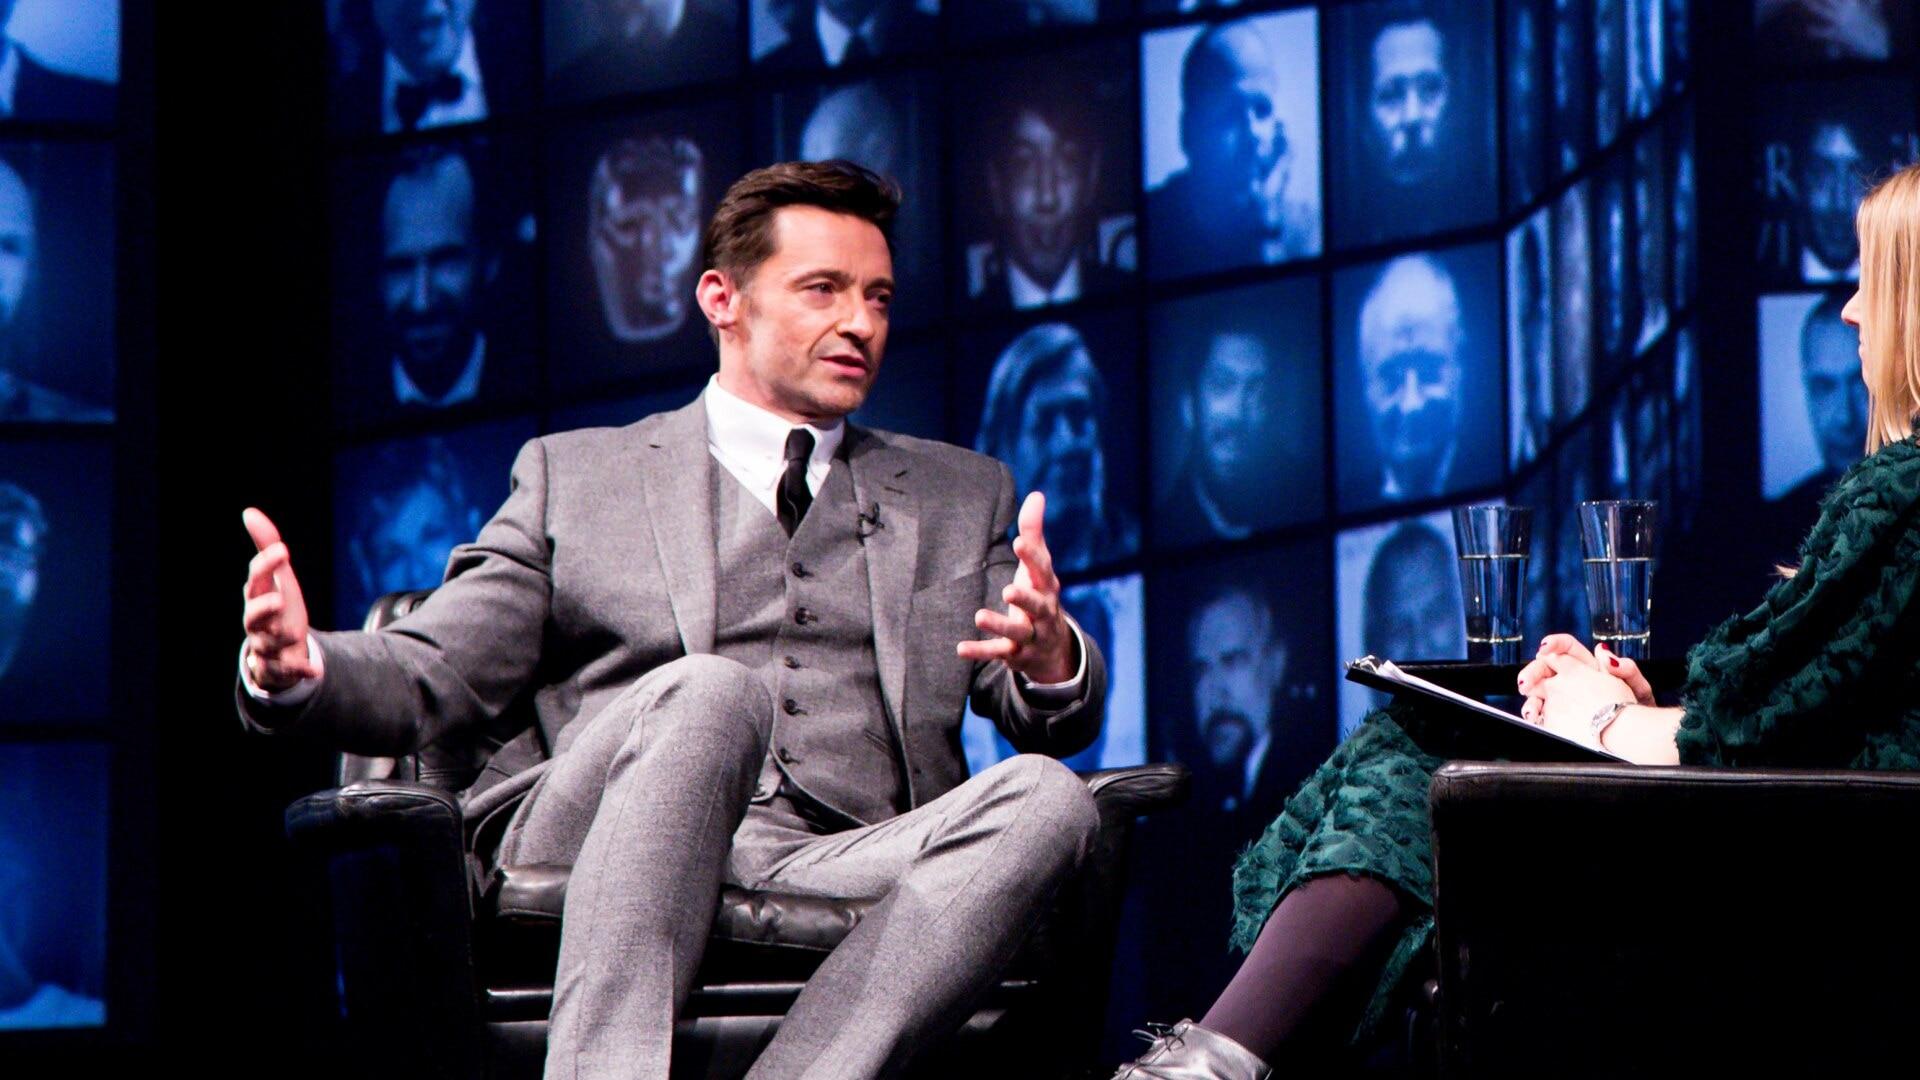 BAFTA: Hugh Jackman Life In Pictures